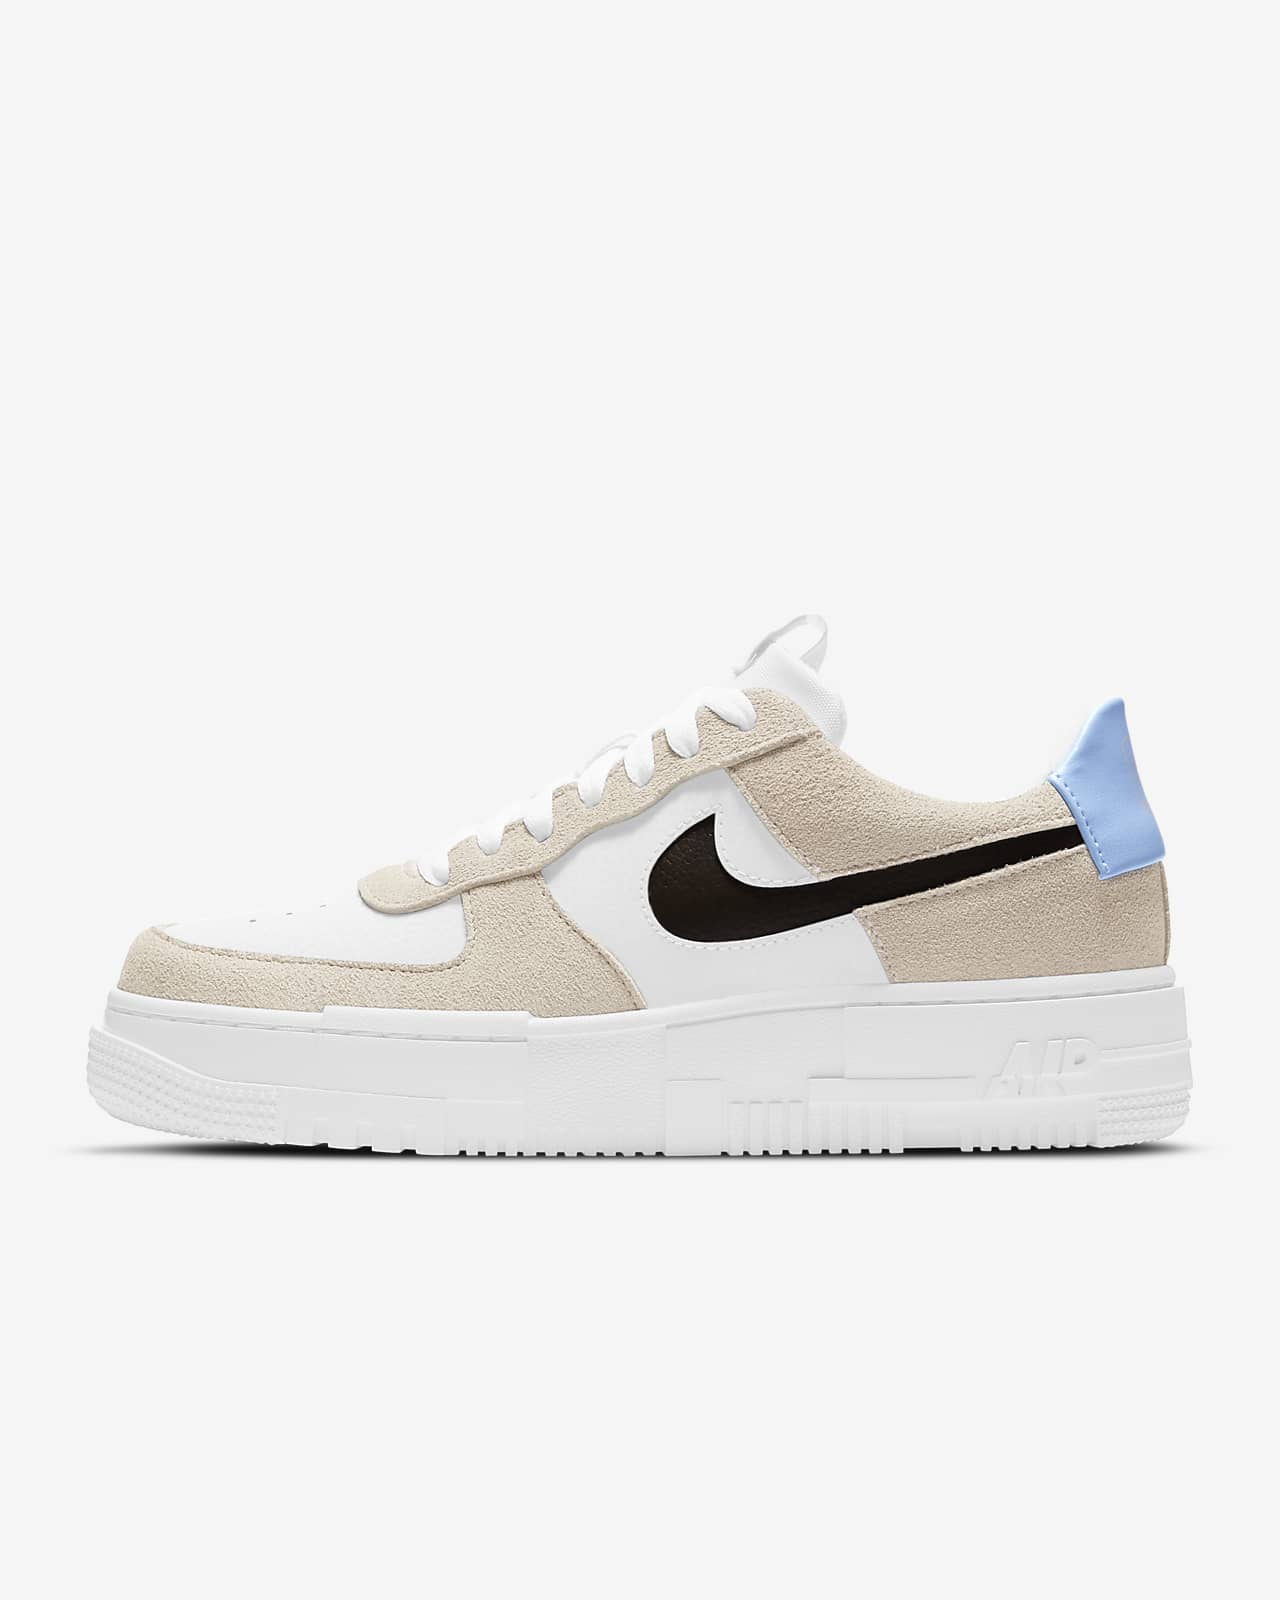 Nike Air Force 1 Pixel Kadın Ayakkabısı